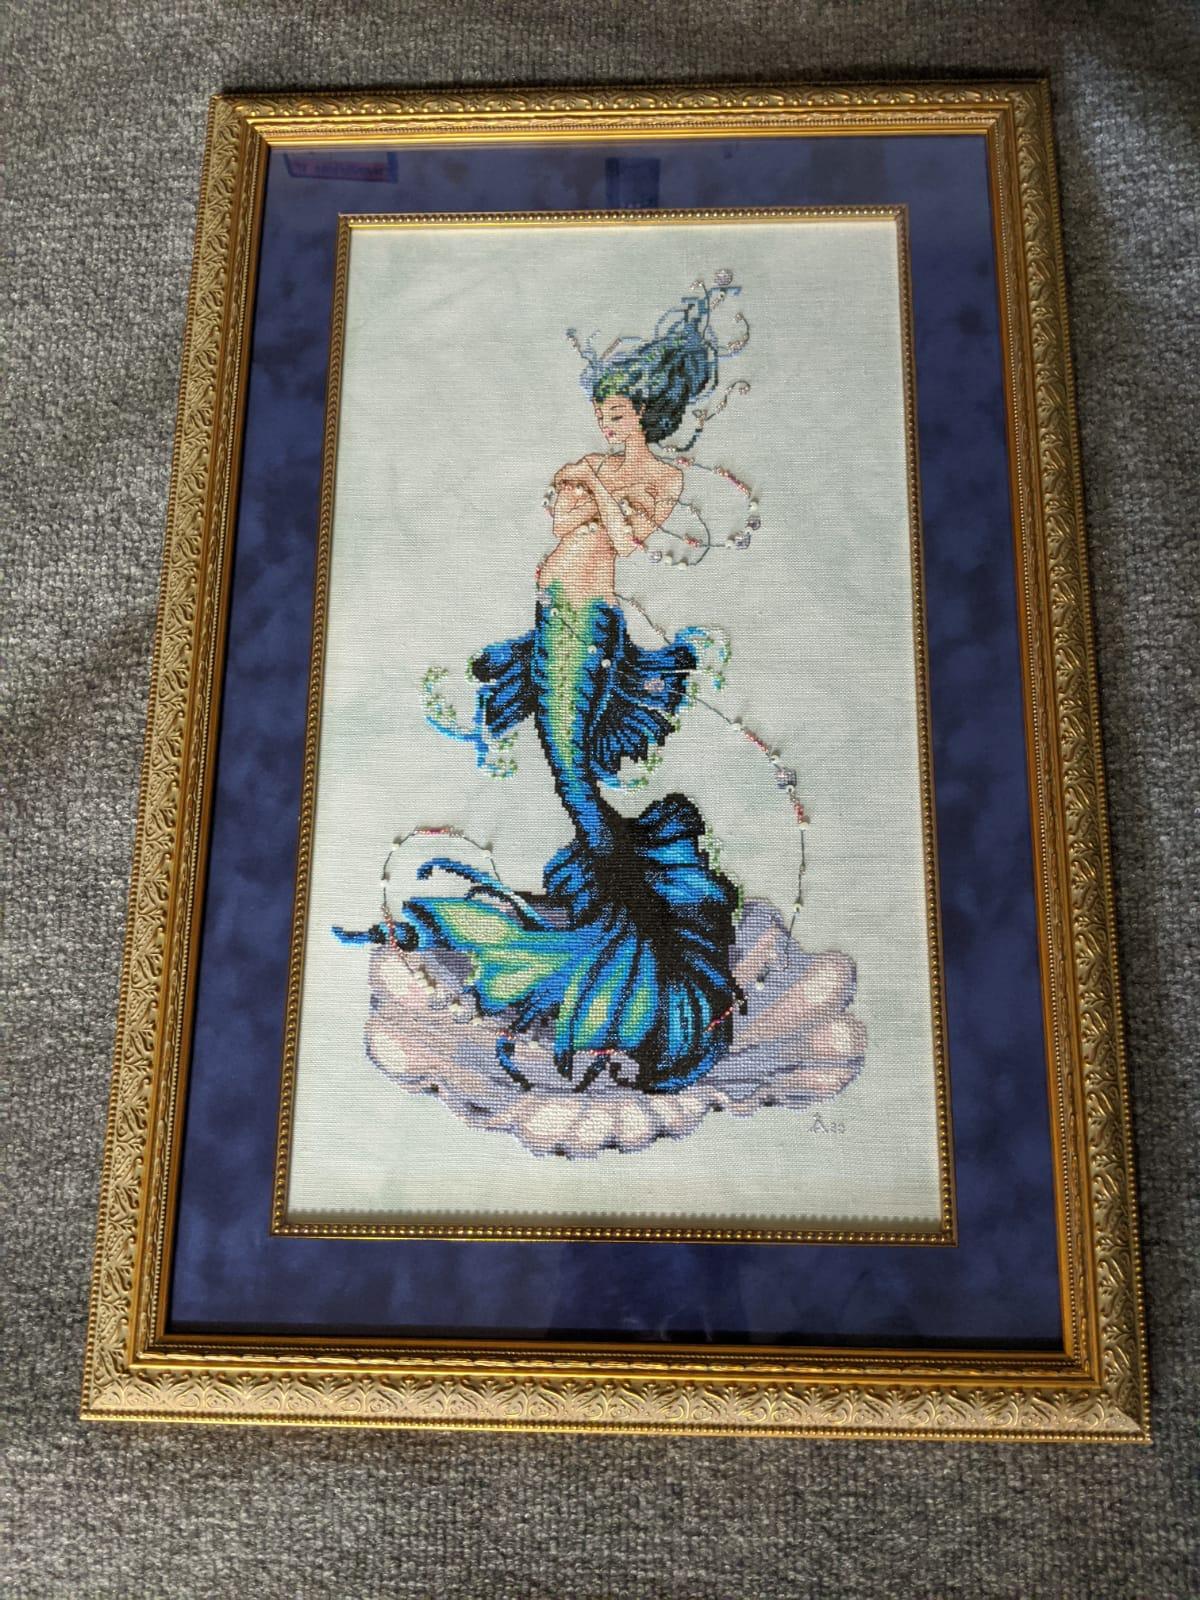 Needlework framed by The Framemakers